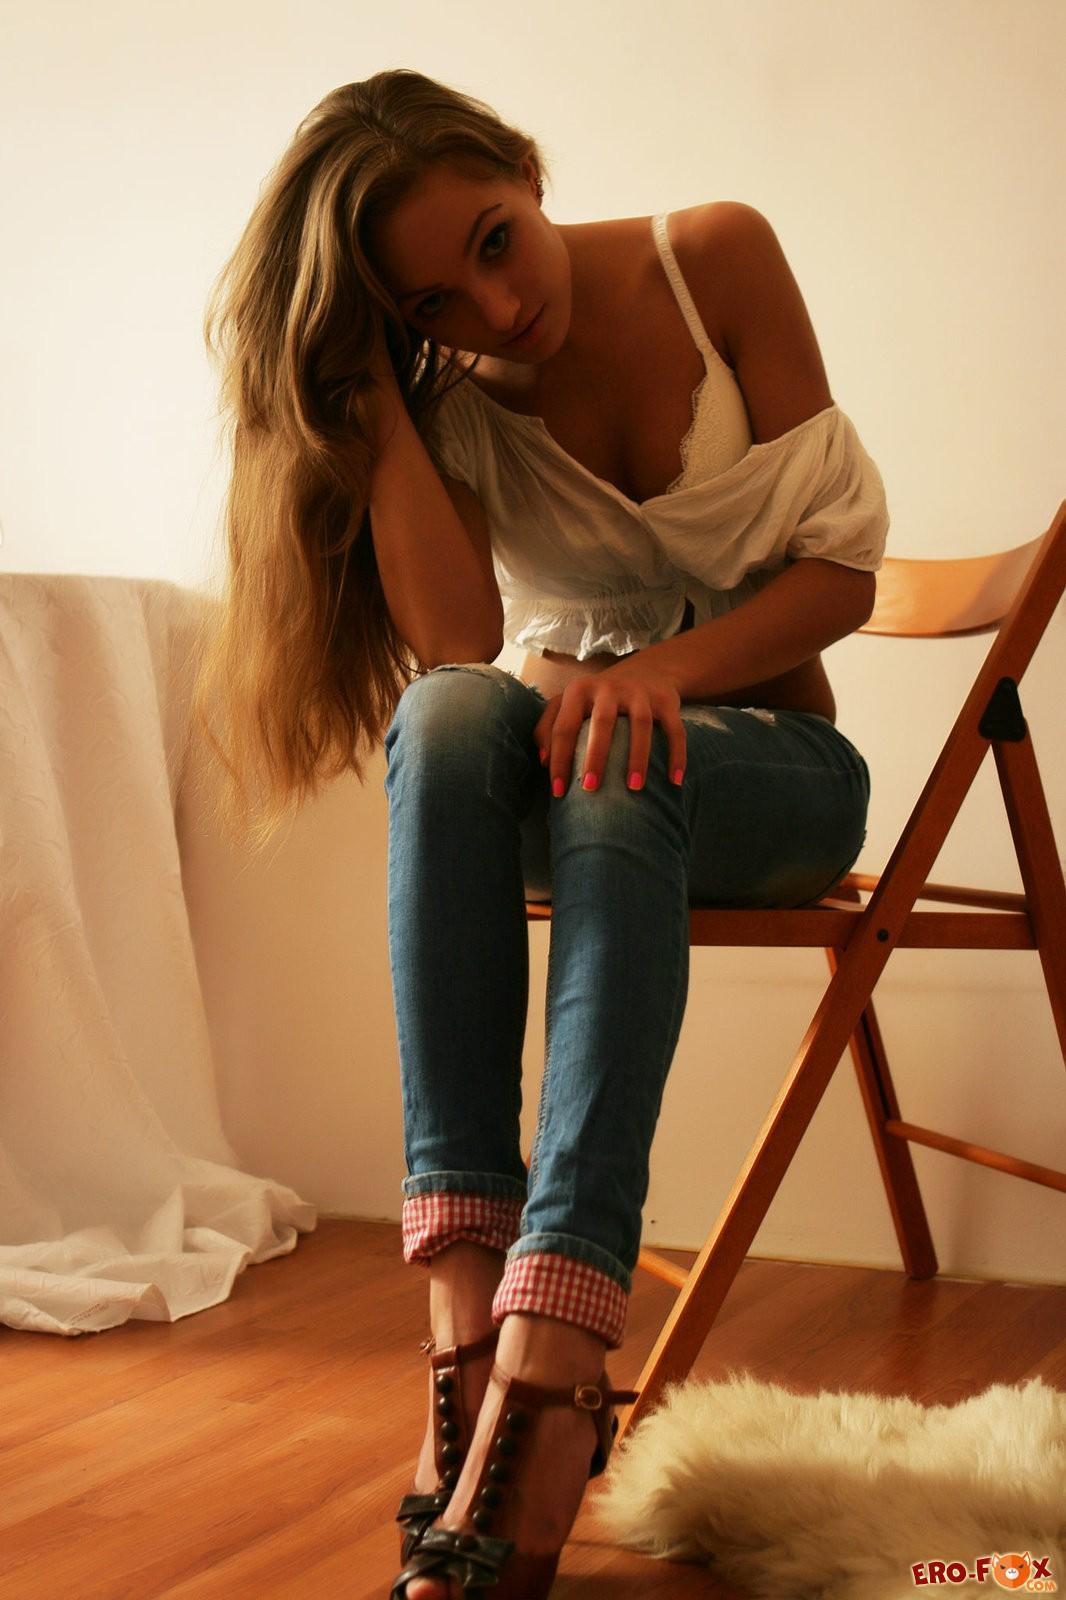 Красивая девушка устроила фото  стриптиз - смотреть эротику.